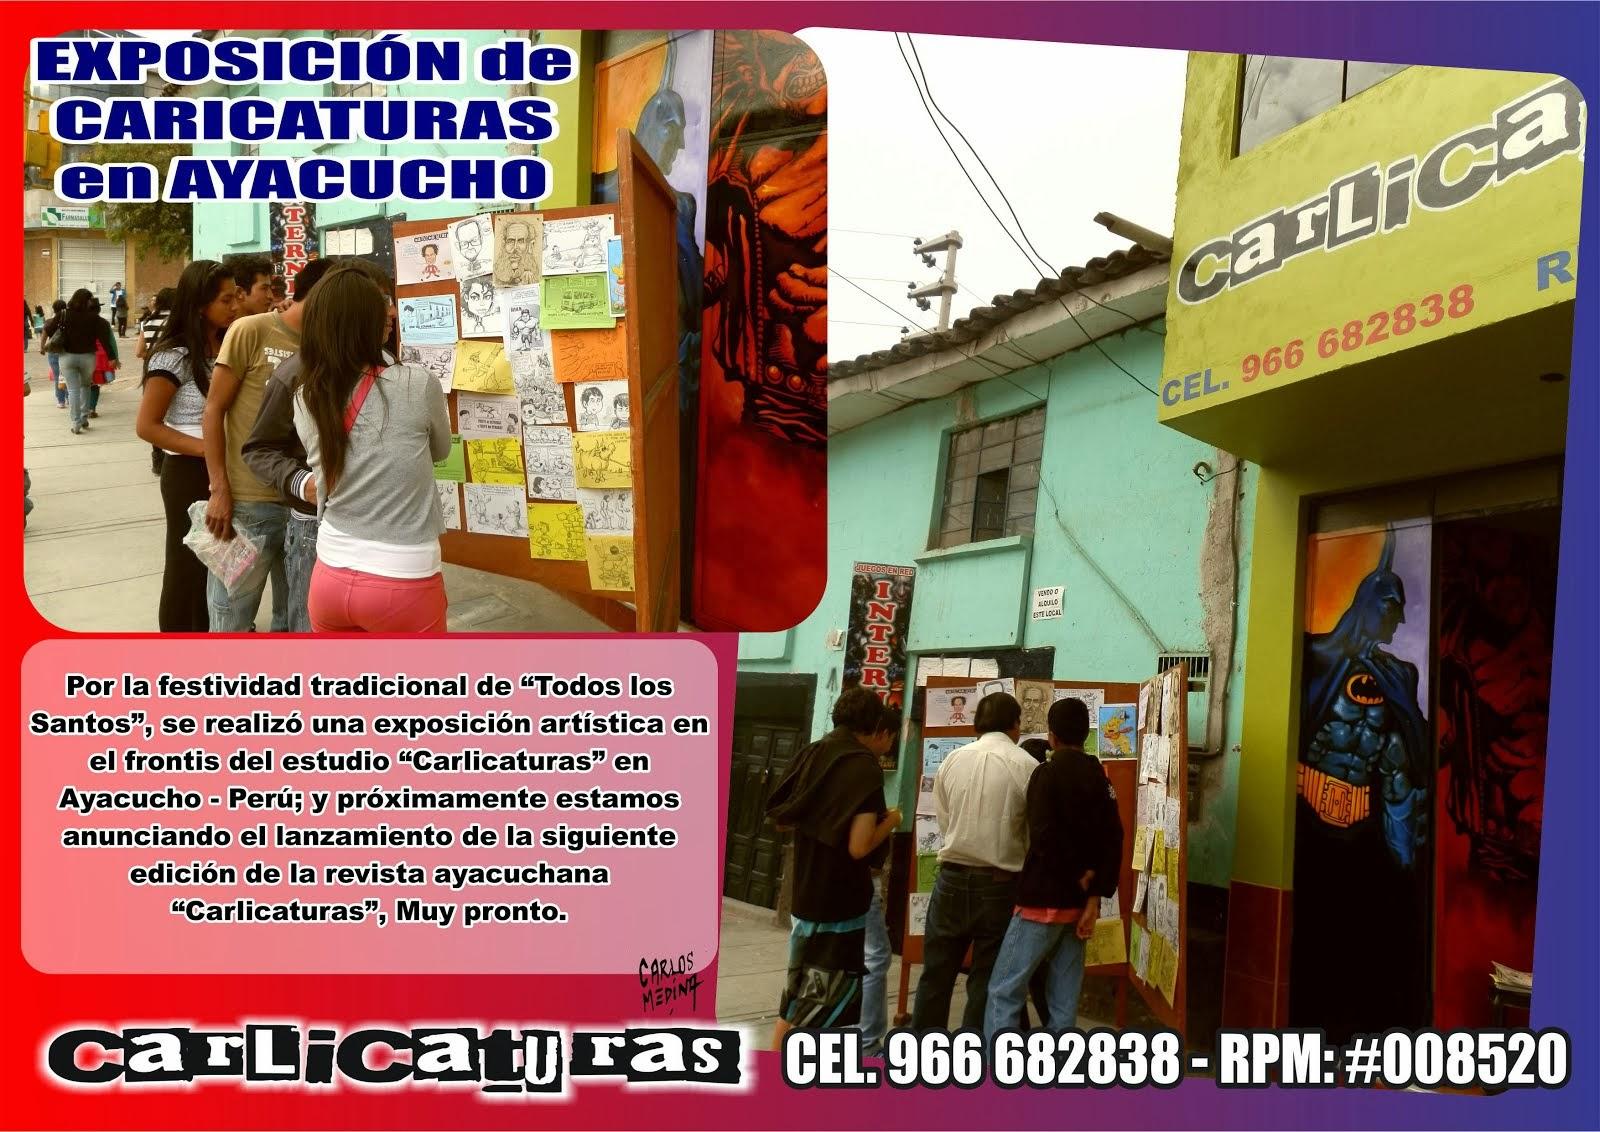 EXPOSICIÓN DE CARICATURAS EN AYACUCHO PERÚ